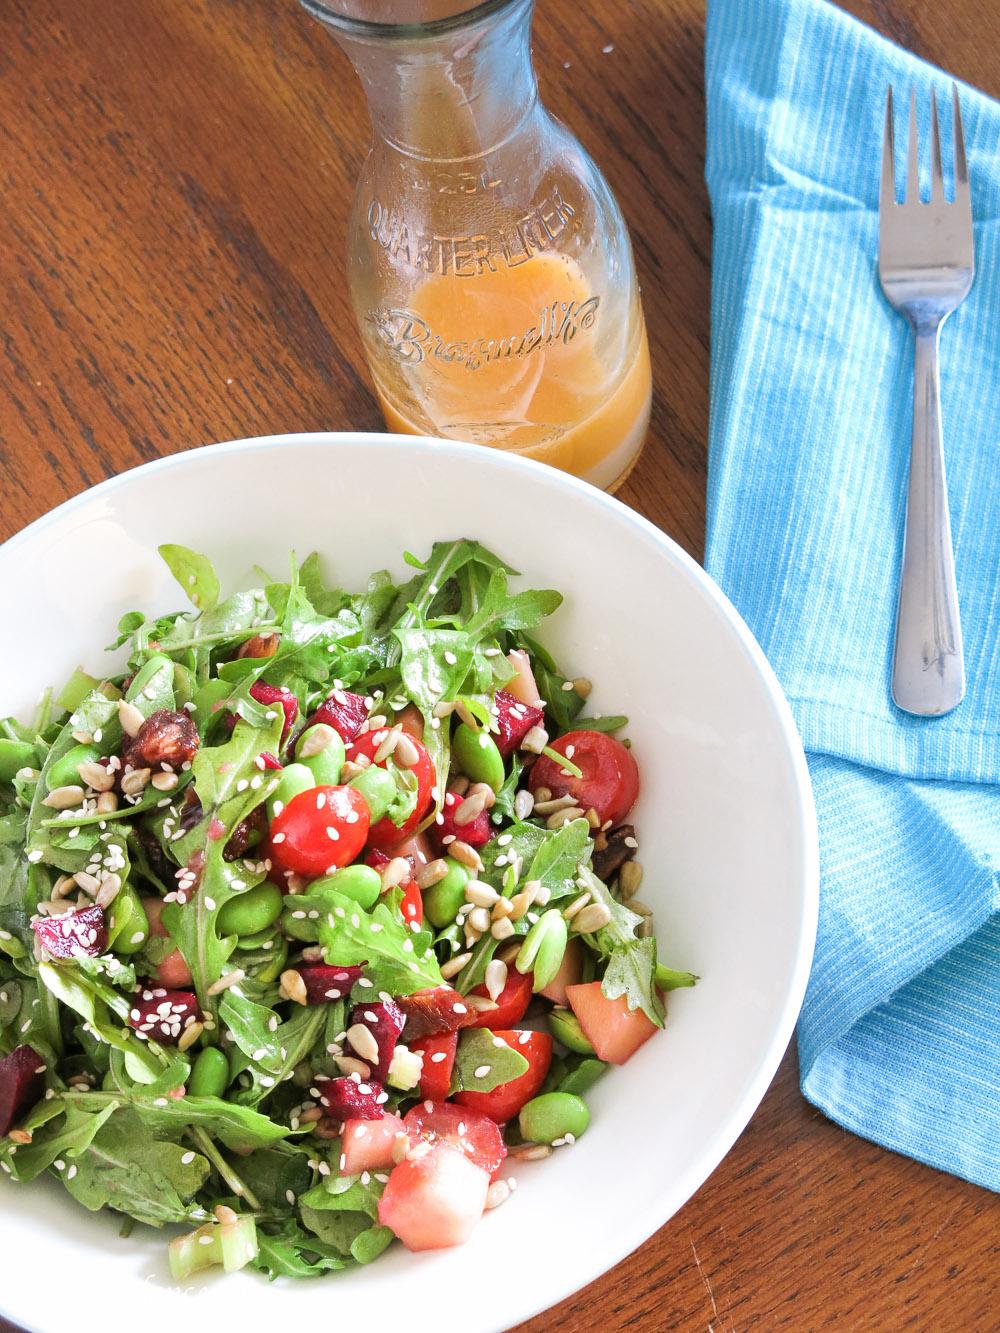 Arugula and Edamame Salad | www.infinebalance.com #salad #vegan